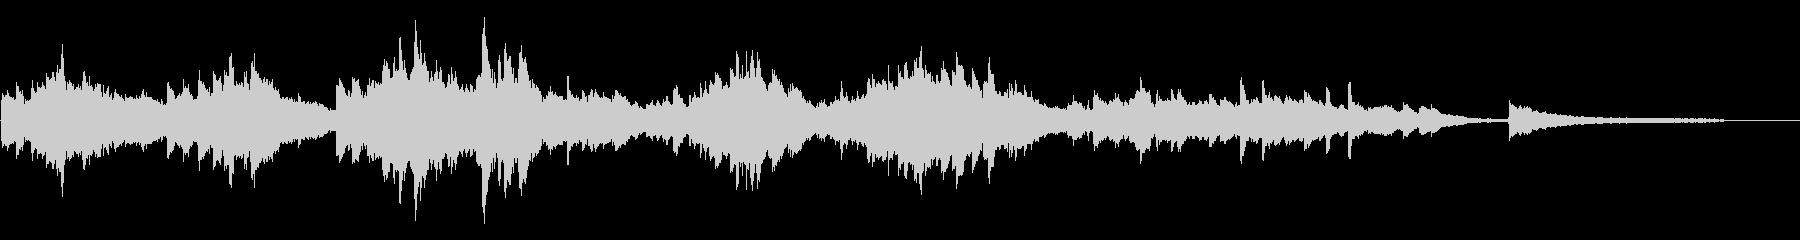 切ないアンビエントピアノ60秒CM広告の未再生の波形